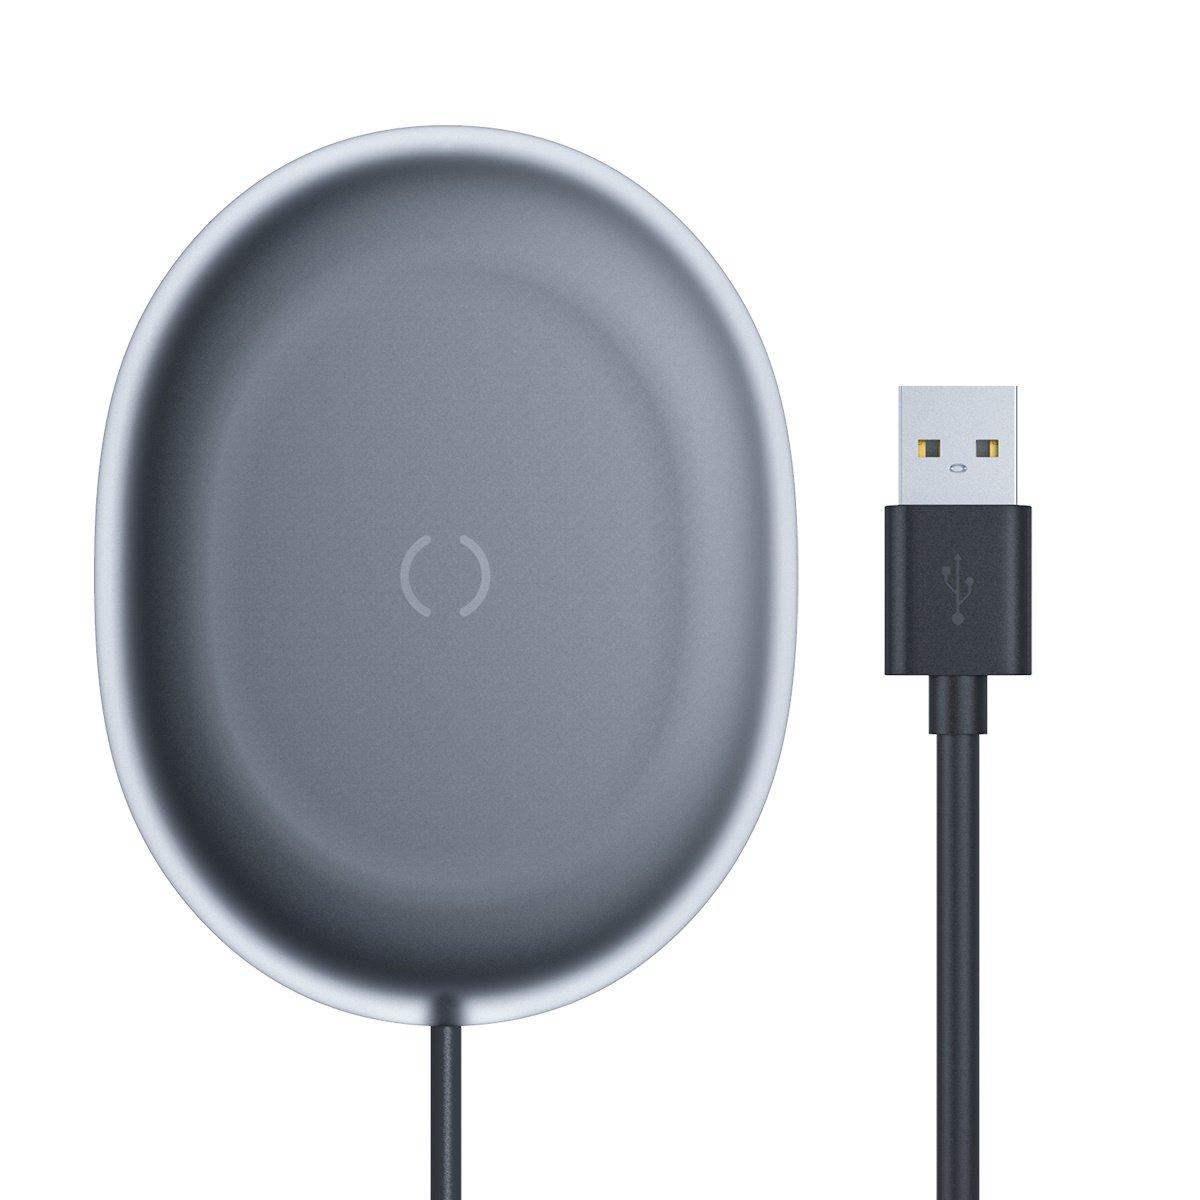 Baseus Jelly bezdrátová nabíječka Qi 15W Black + kabel USB-C